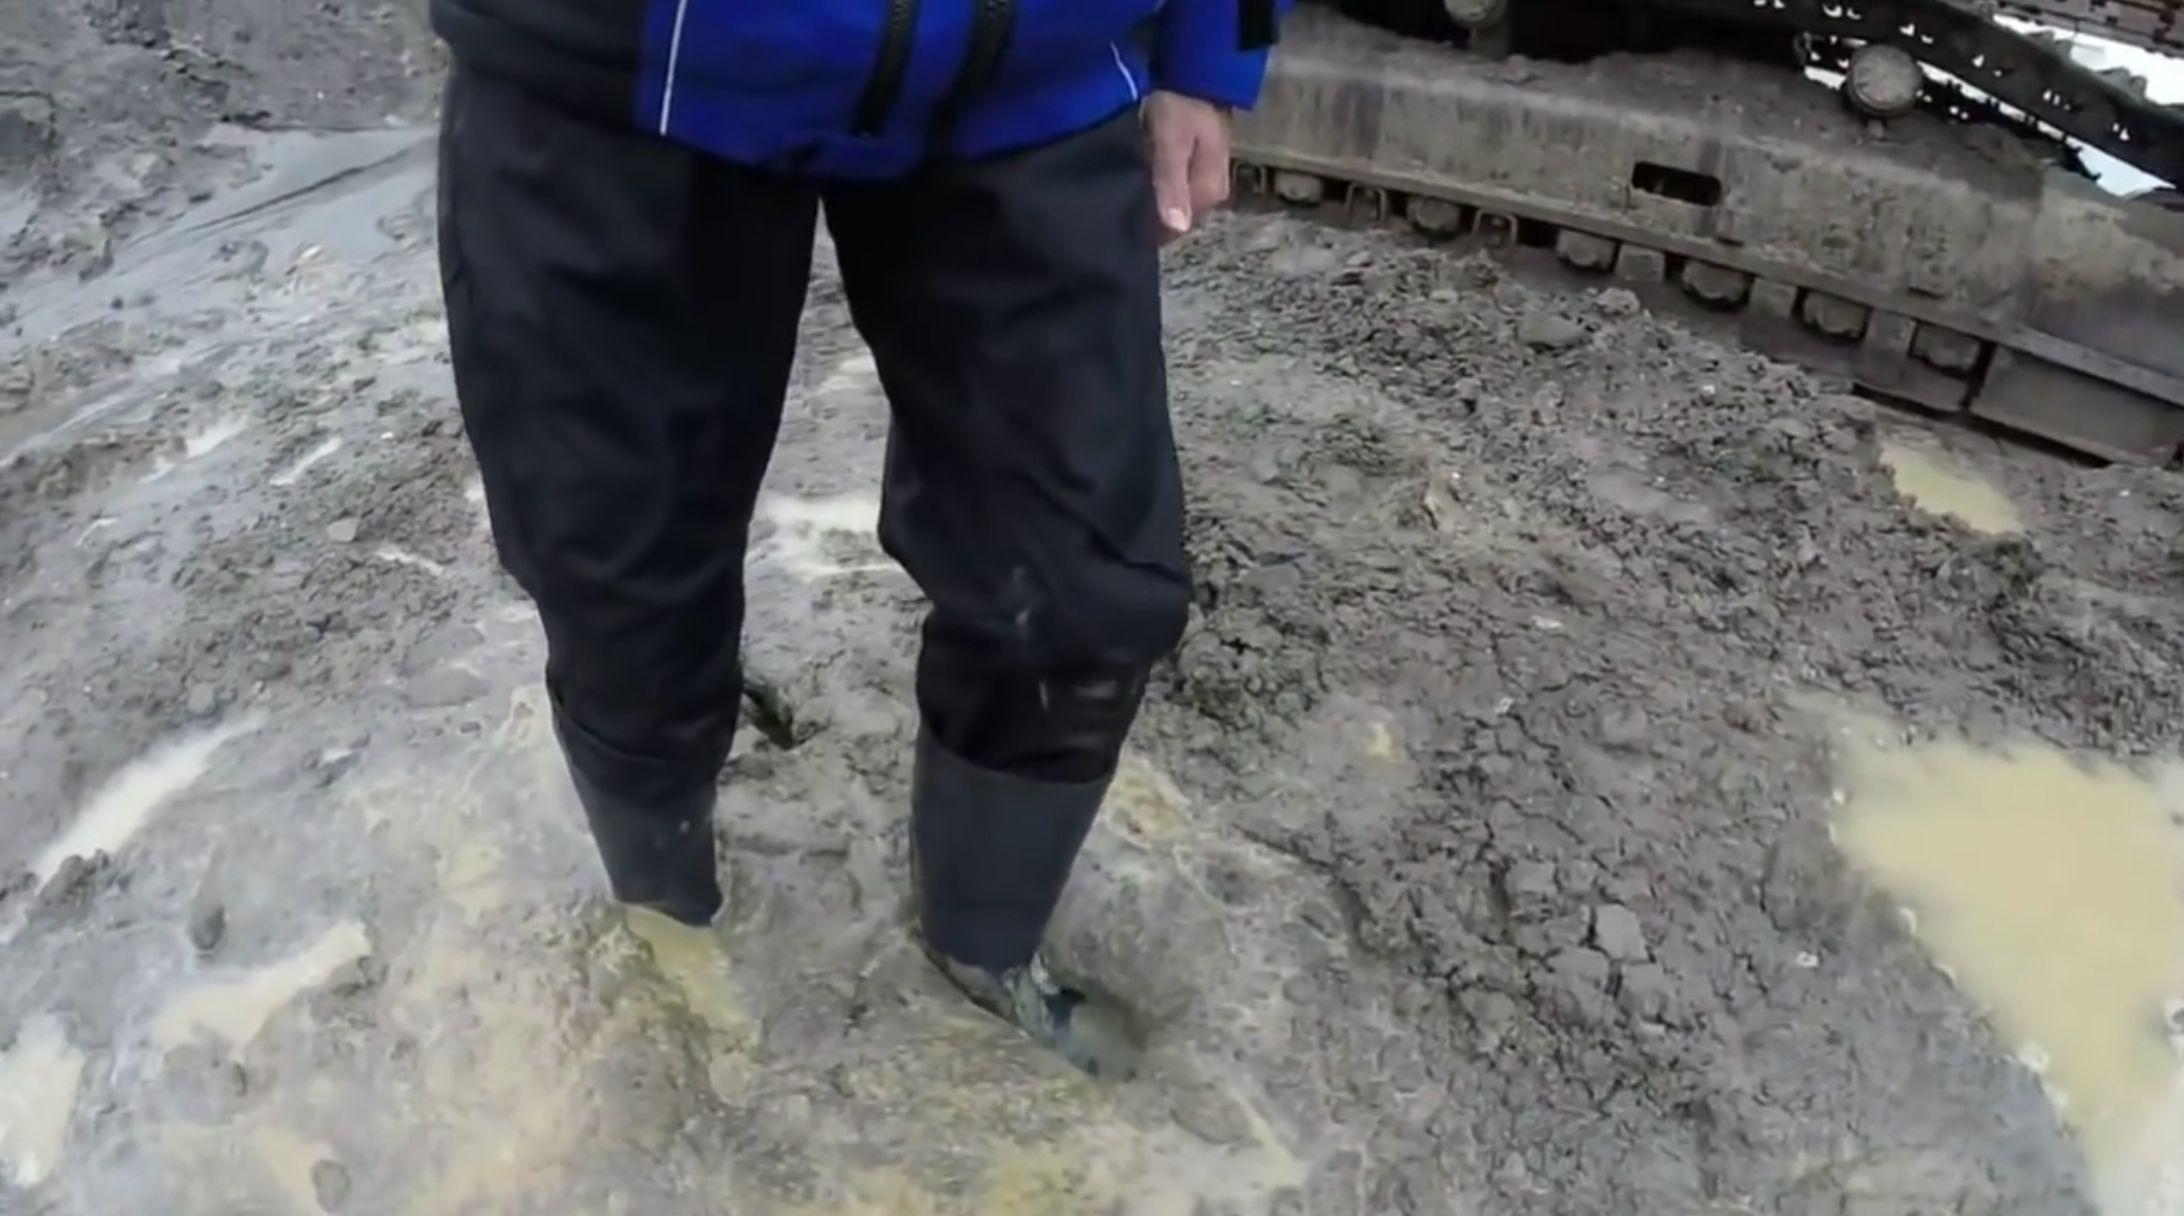 【働く男性の長靴】雨上がりの工事現場を踏みしめる靴底がドロドロに